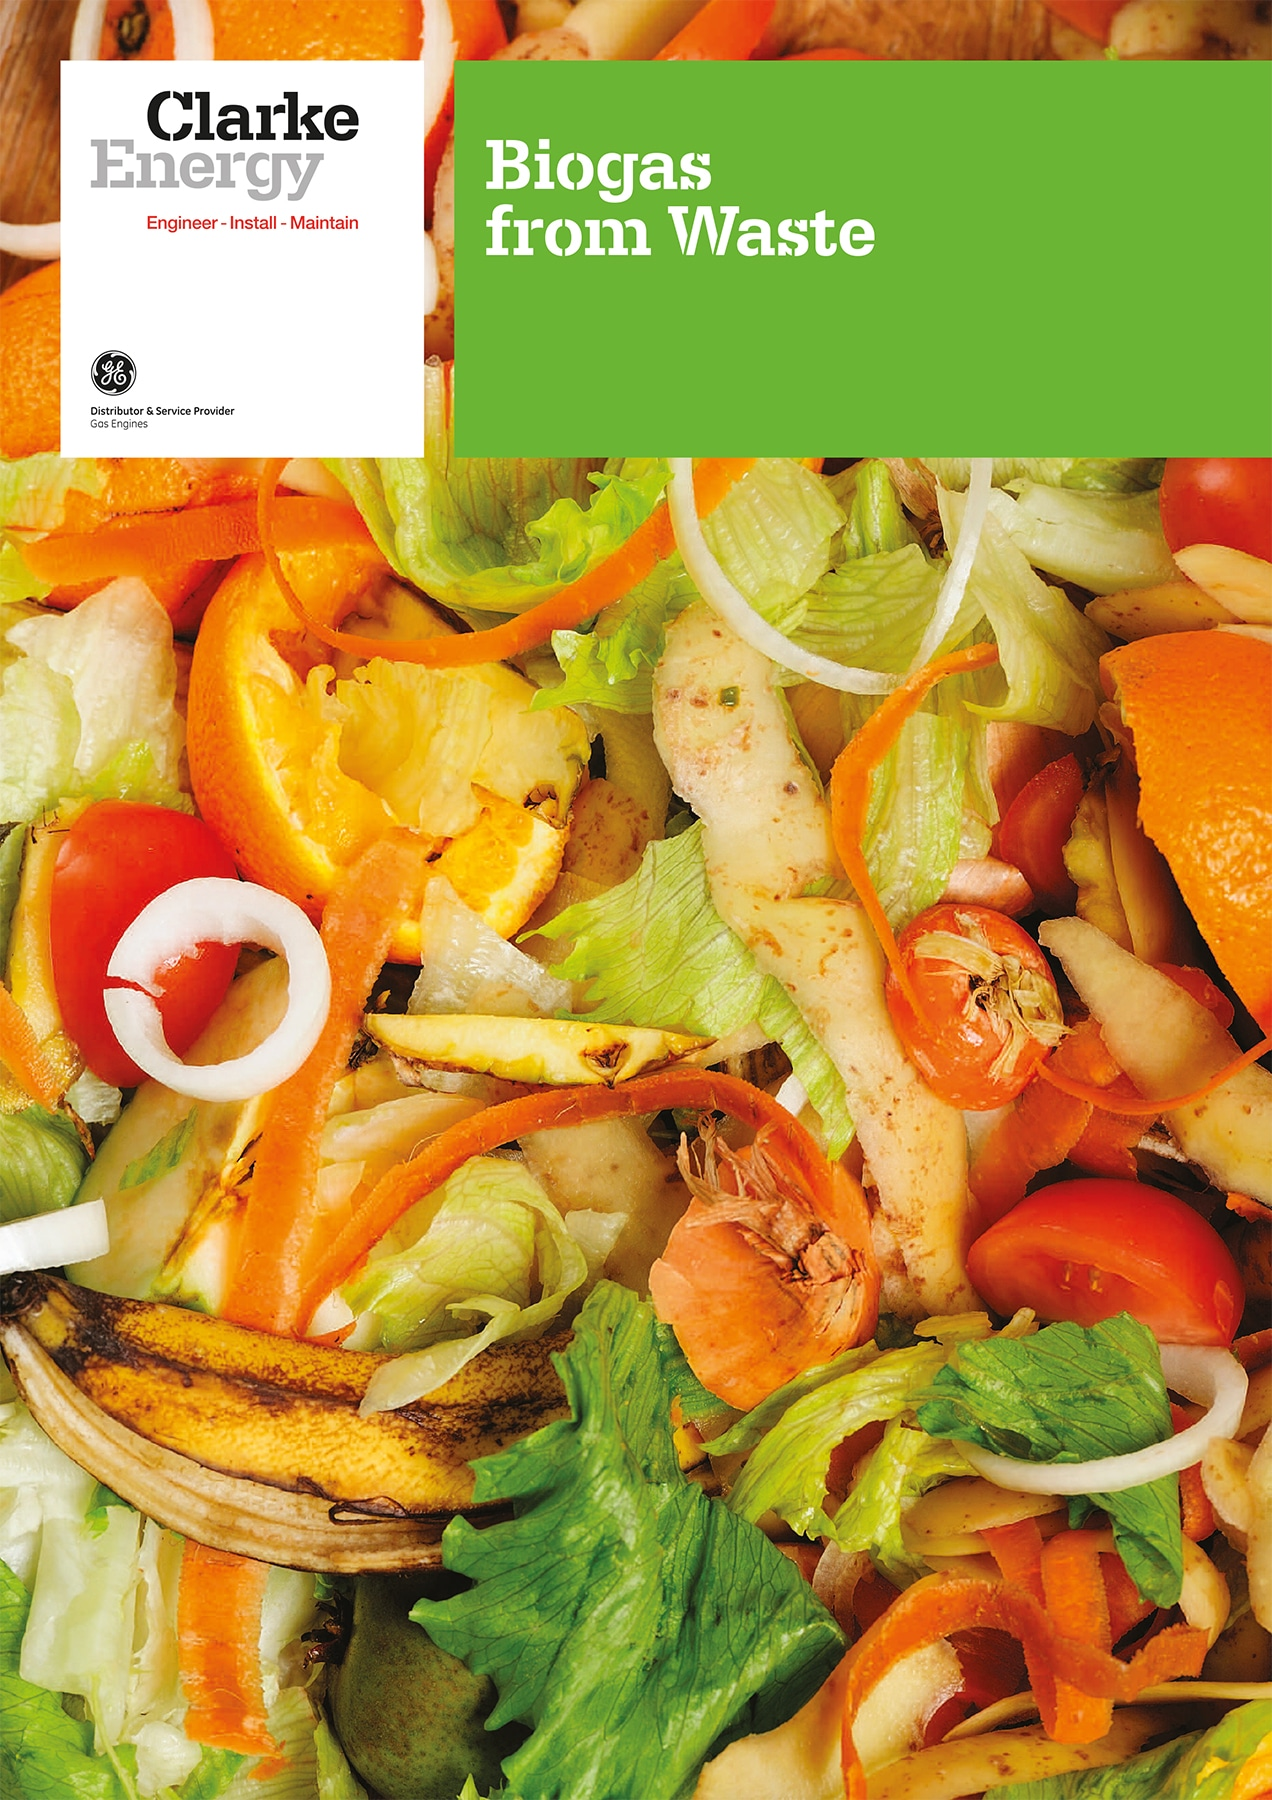 Biogas-Waste